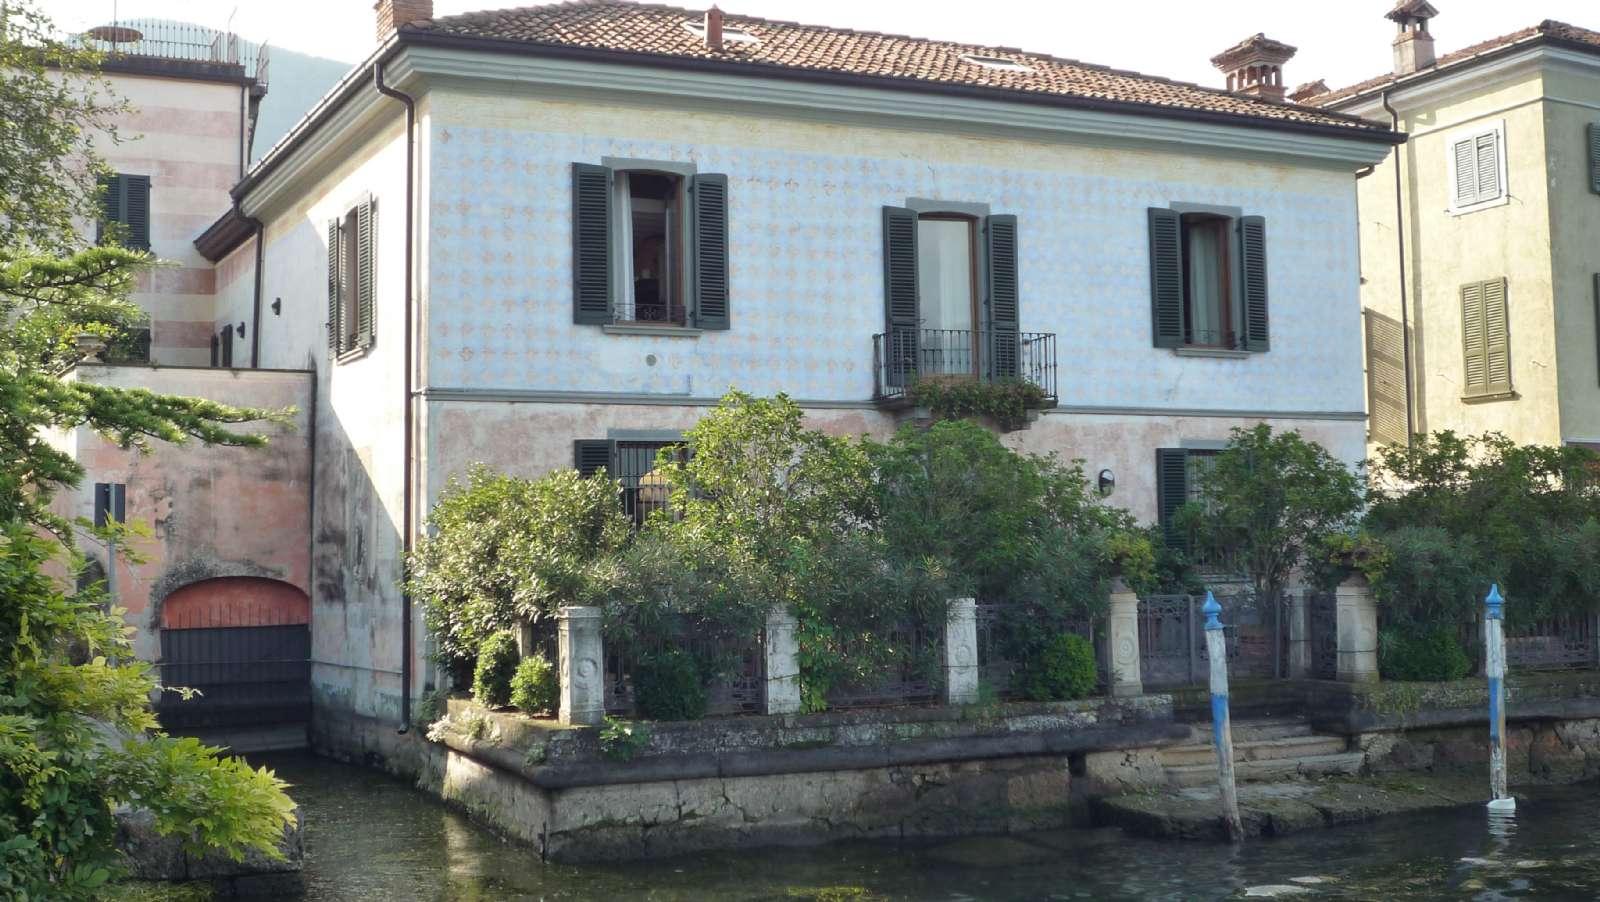 Fint hus med egen båtbrygga i Iseo stad